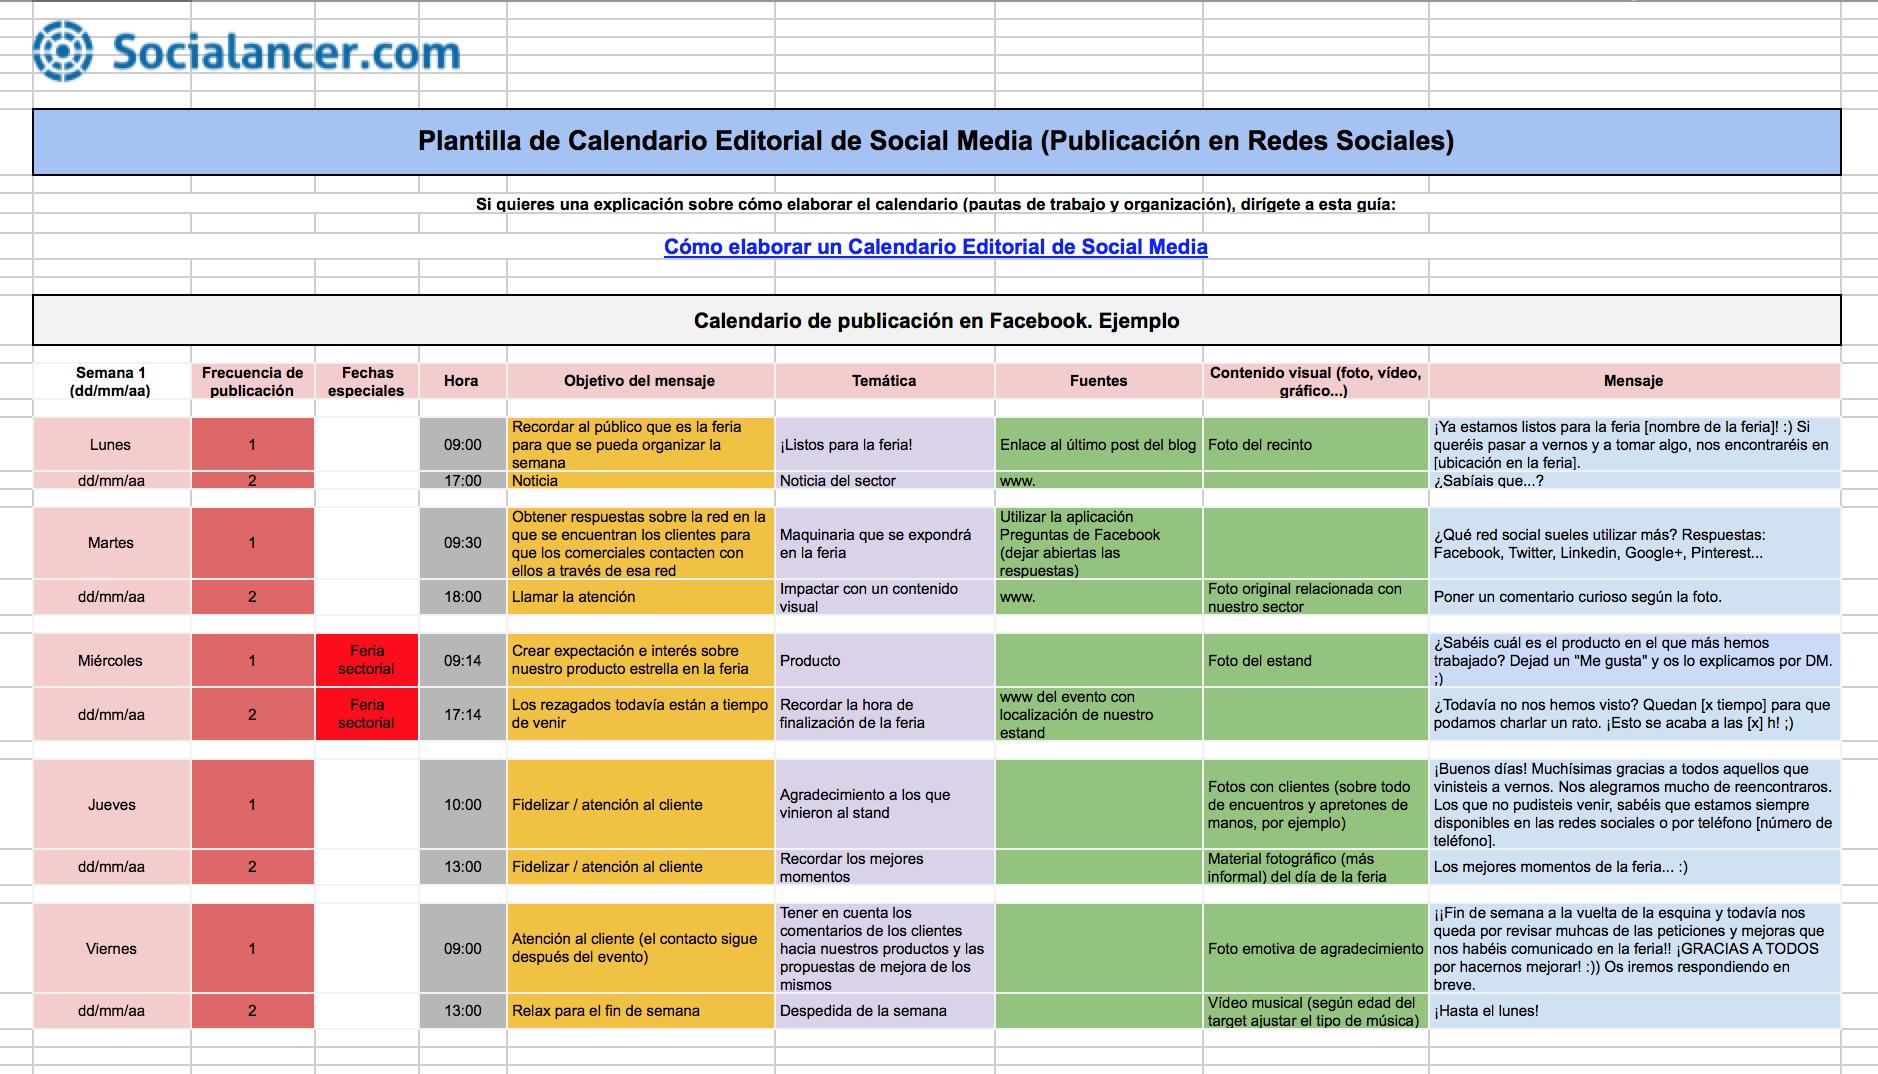 Calendario Social.Calendario Editorial De Social Media Socialancer Recursos